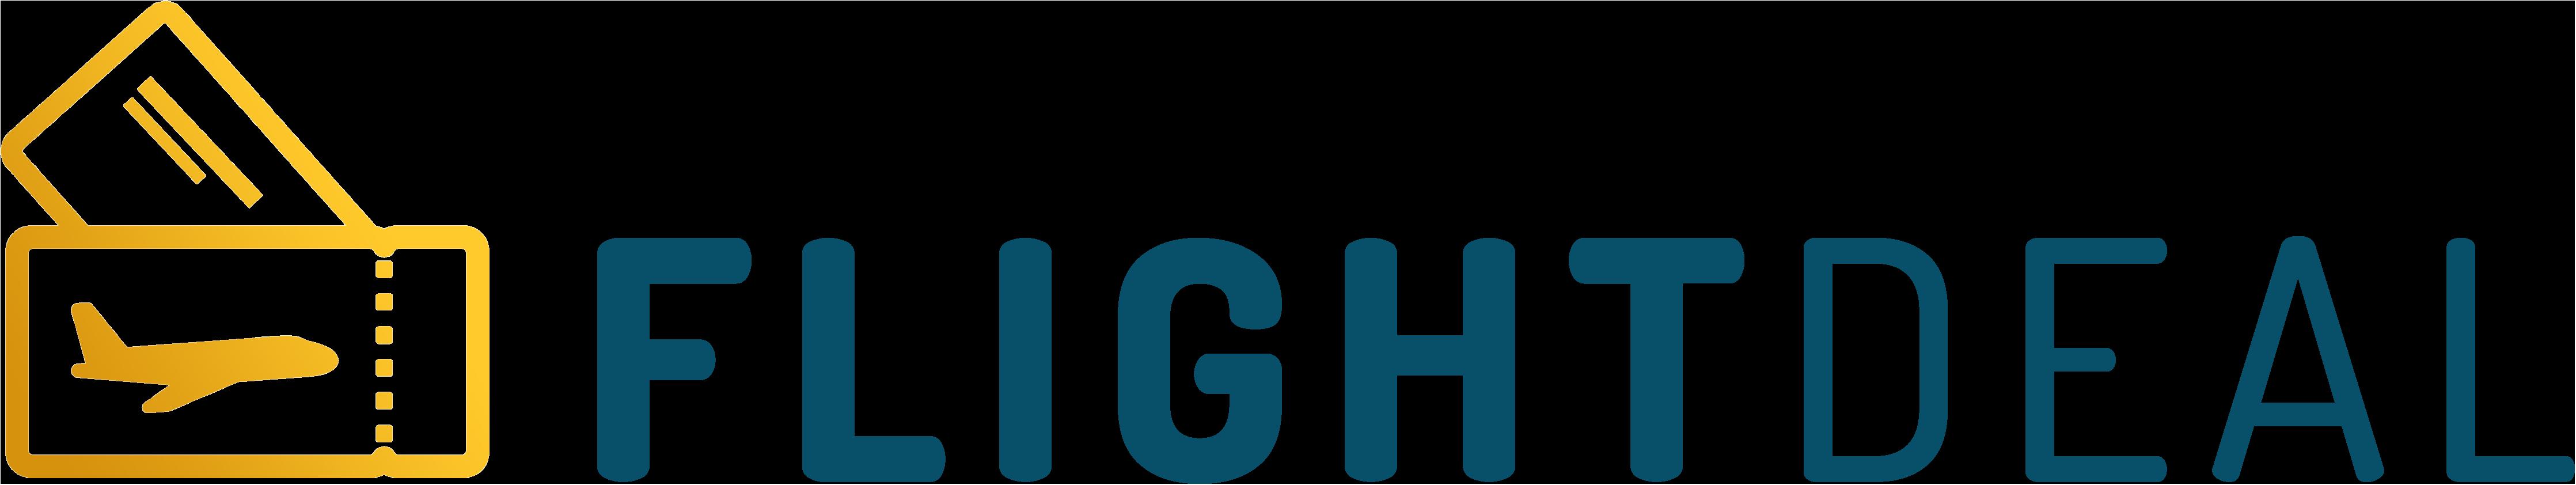 flight deal logo